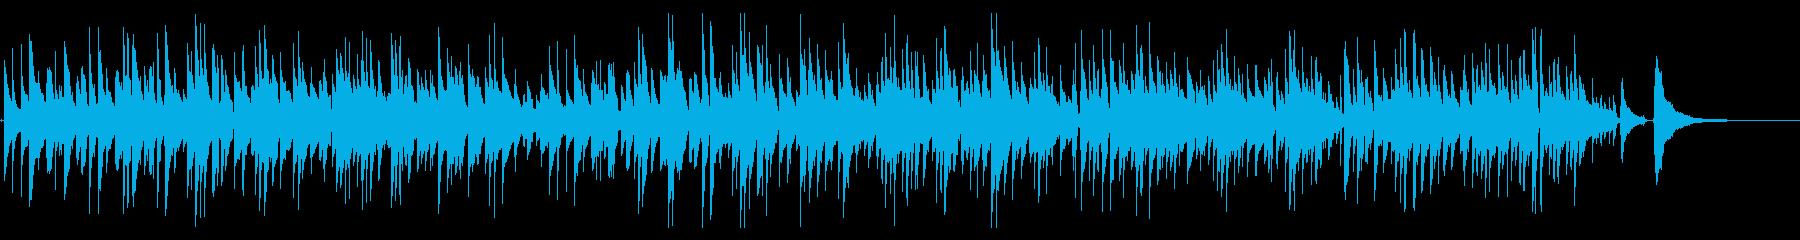 2本のボサノバギターBGM Shortの再生済みの波形